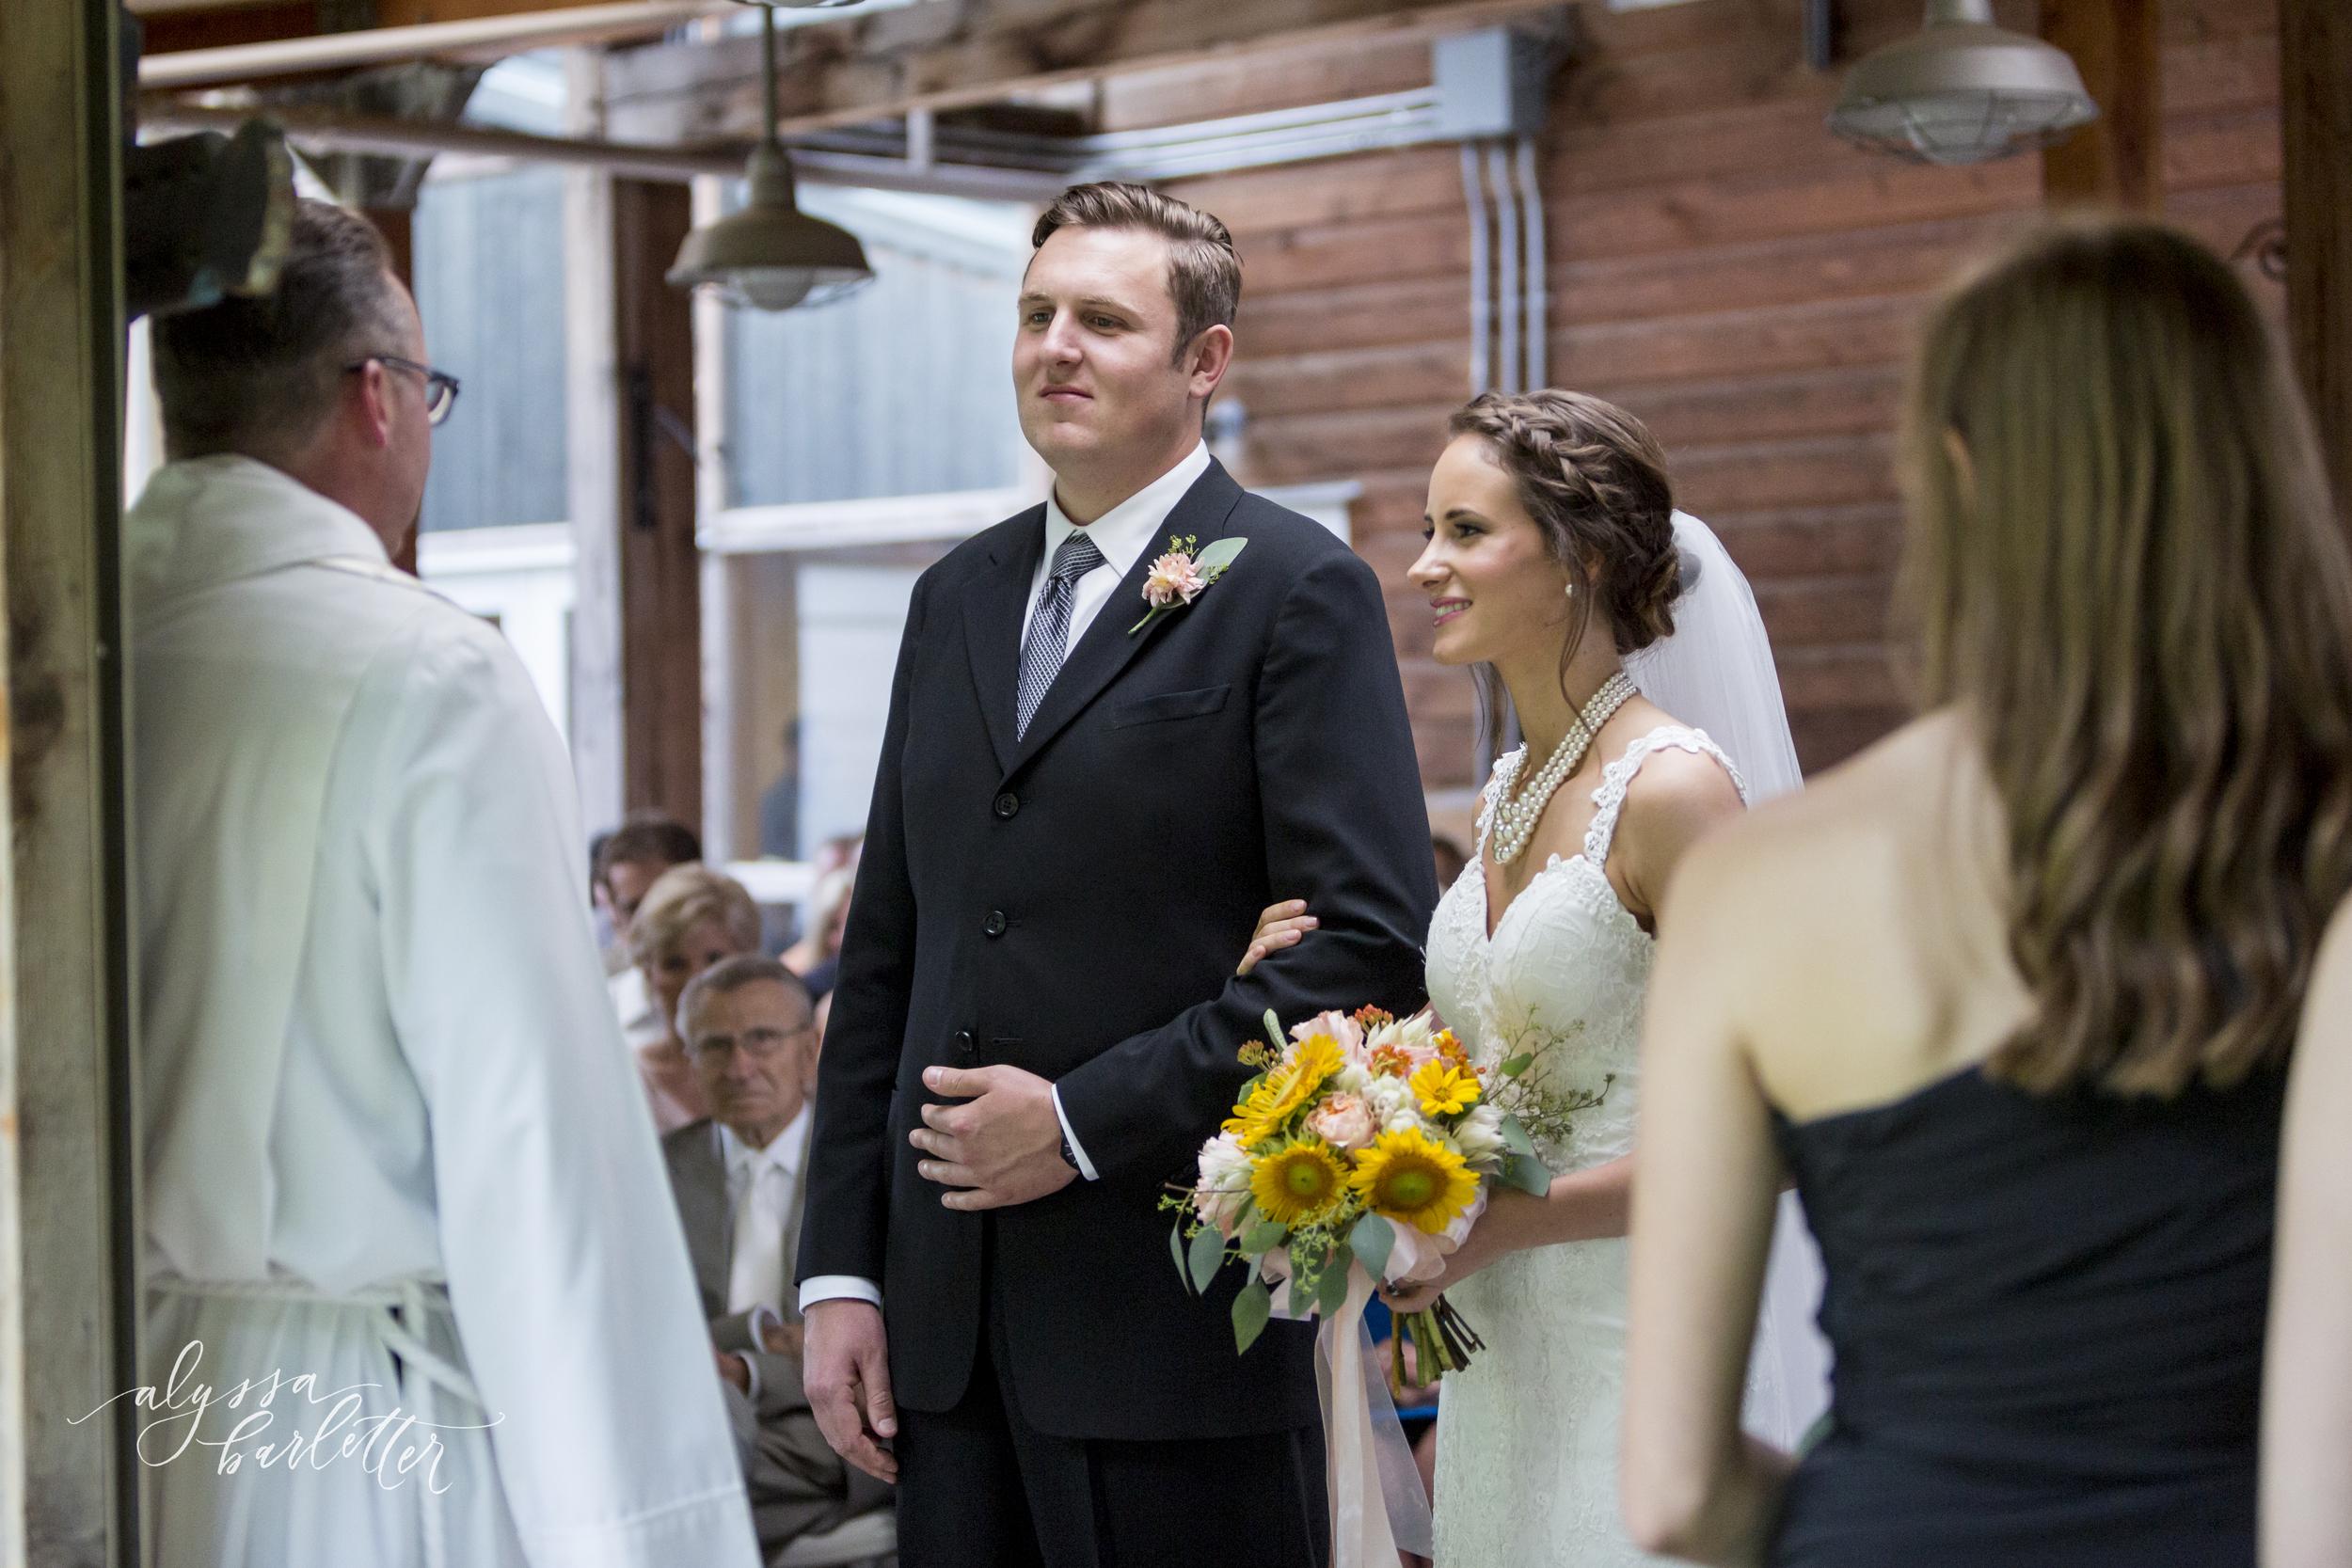 kansas city wedding budget mahaffie bride groom ceremony